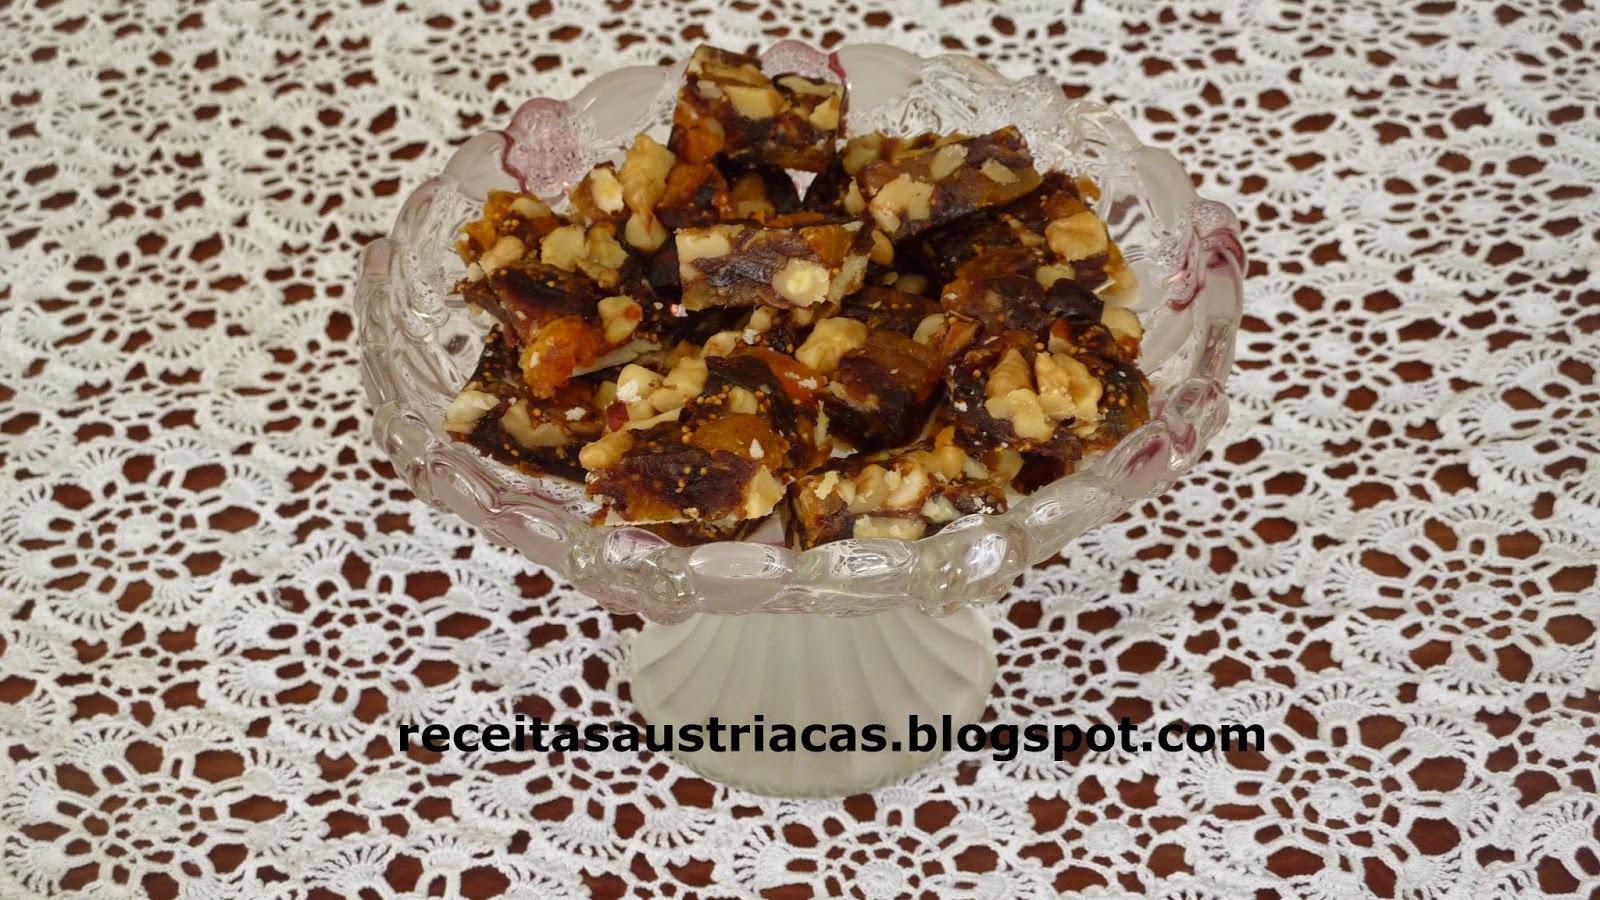 QUADRADINHOS DE FRUTAS SECAS – Fruchtwürfel